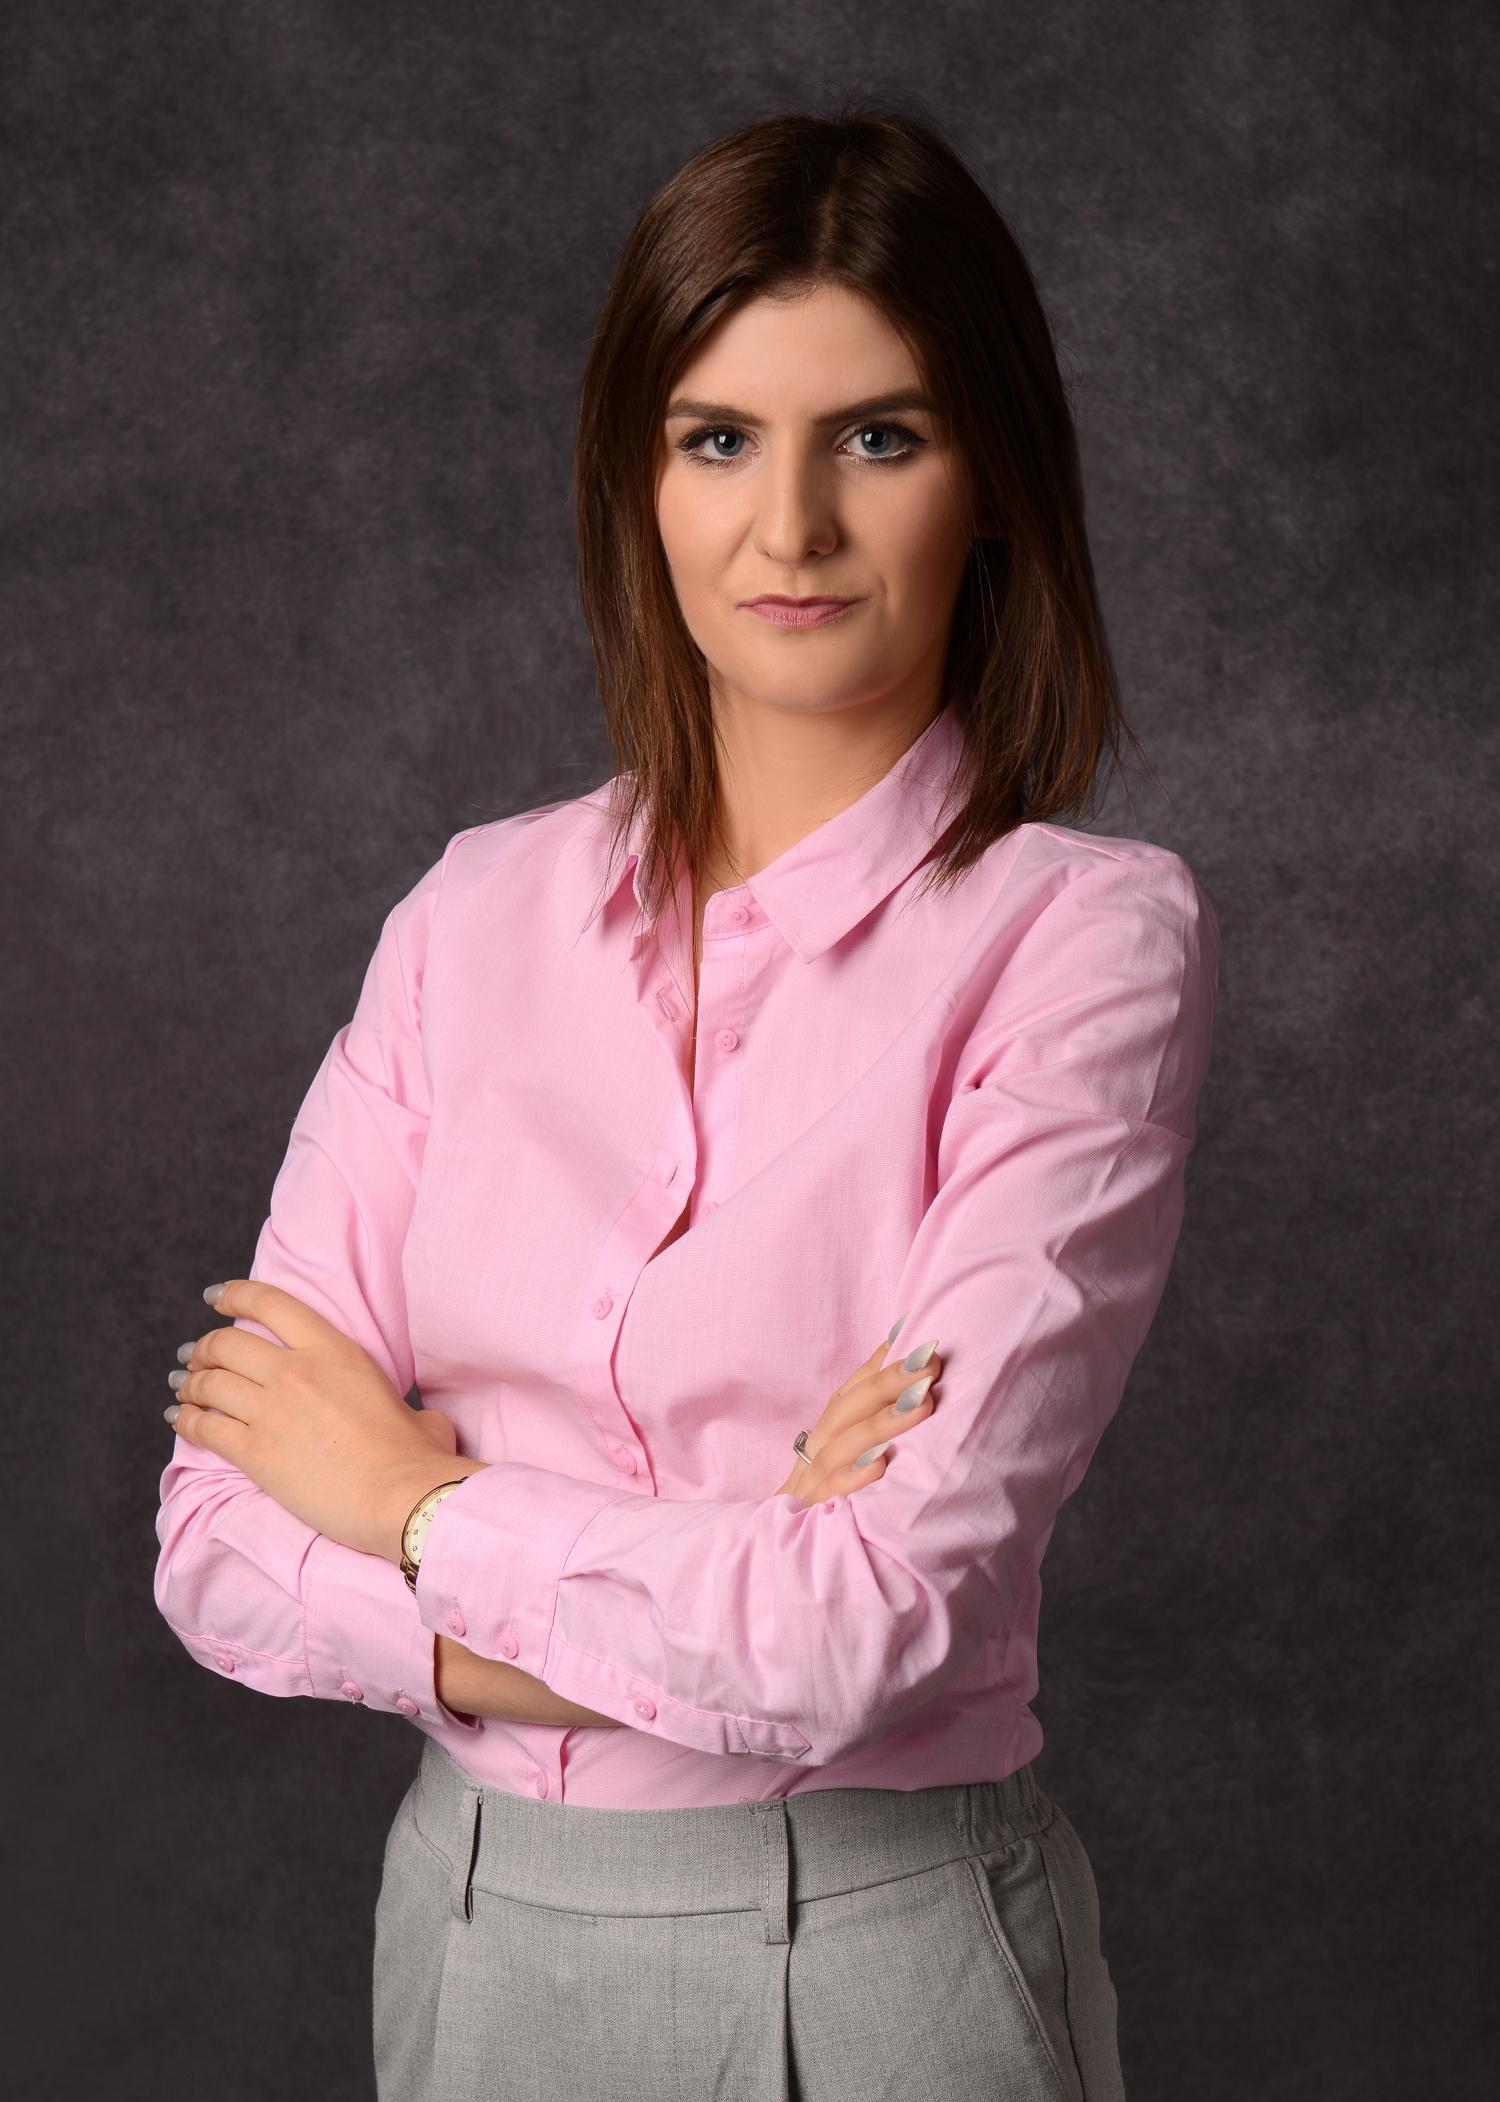 Katarzyna Oliwa